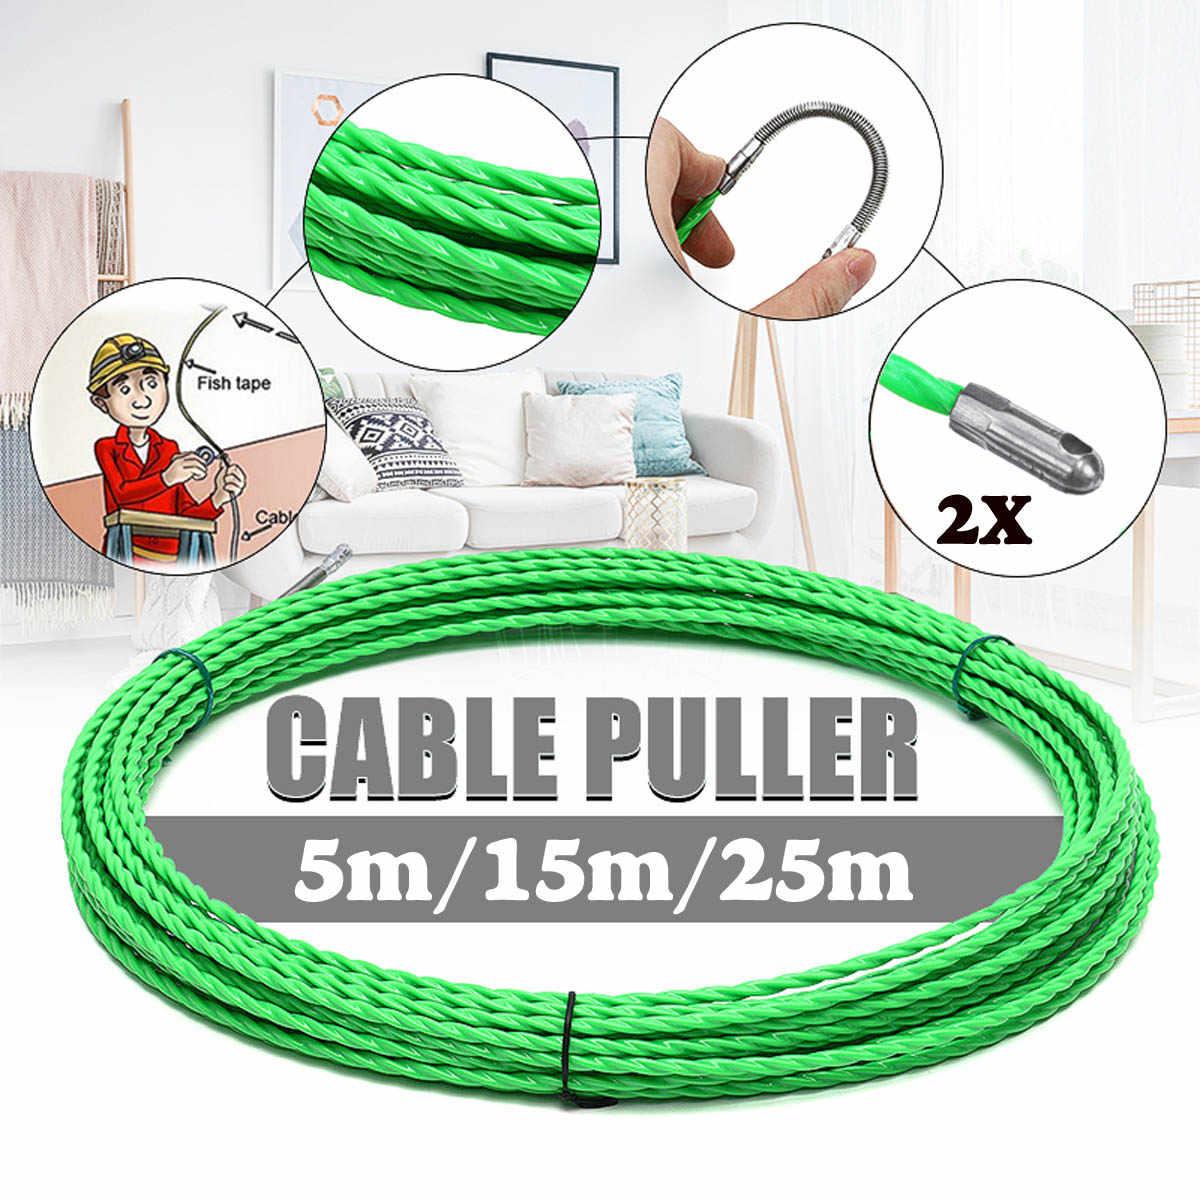 4mm 5 m/15 m/25 m en fibre de verre câble Push extracteurs conduit serpent rongeur poisson bande fil POM poisson dessiner bande électrique câble extracteur